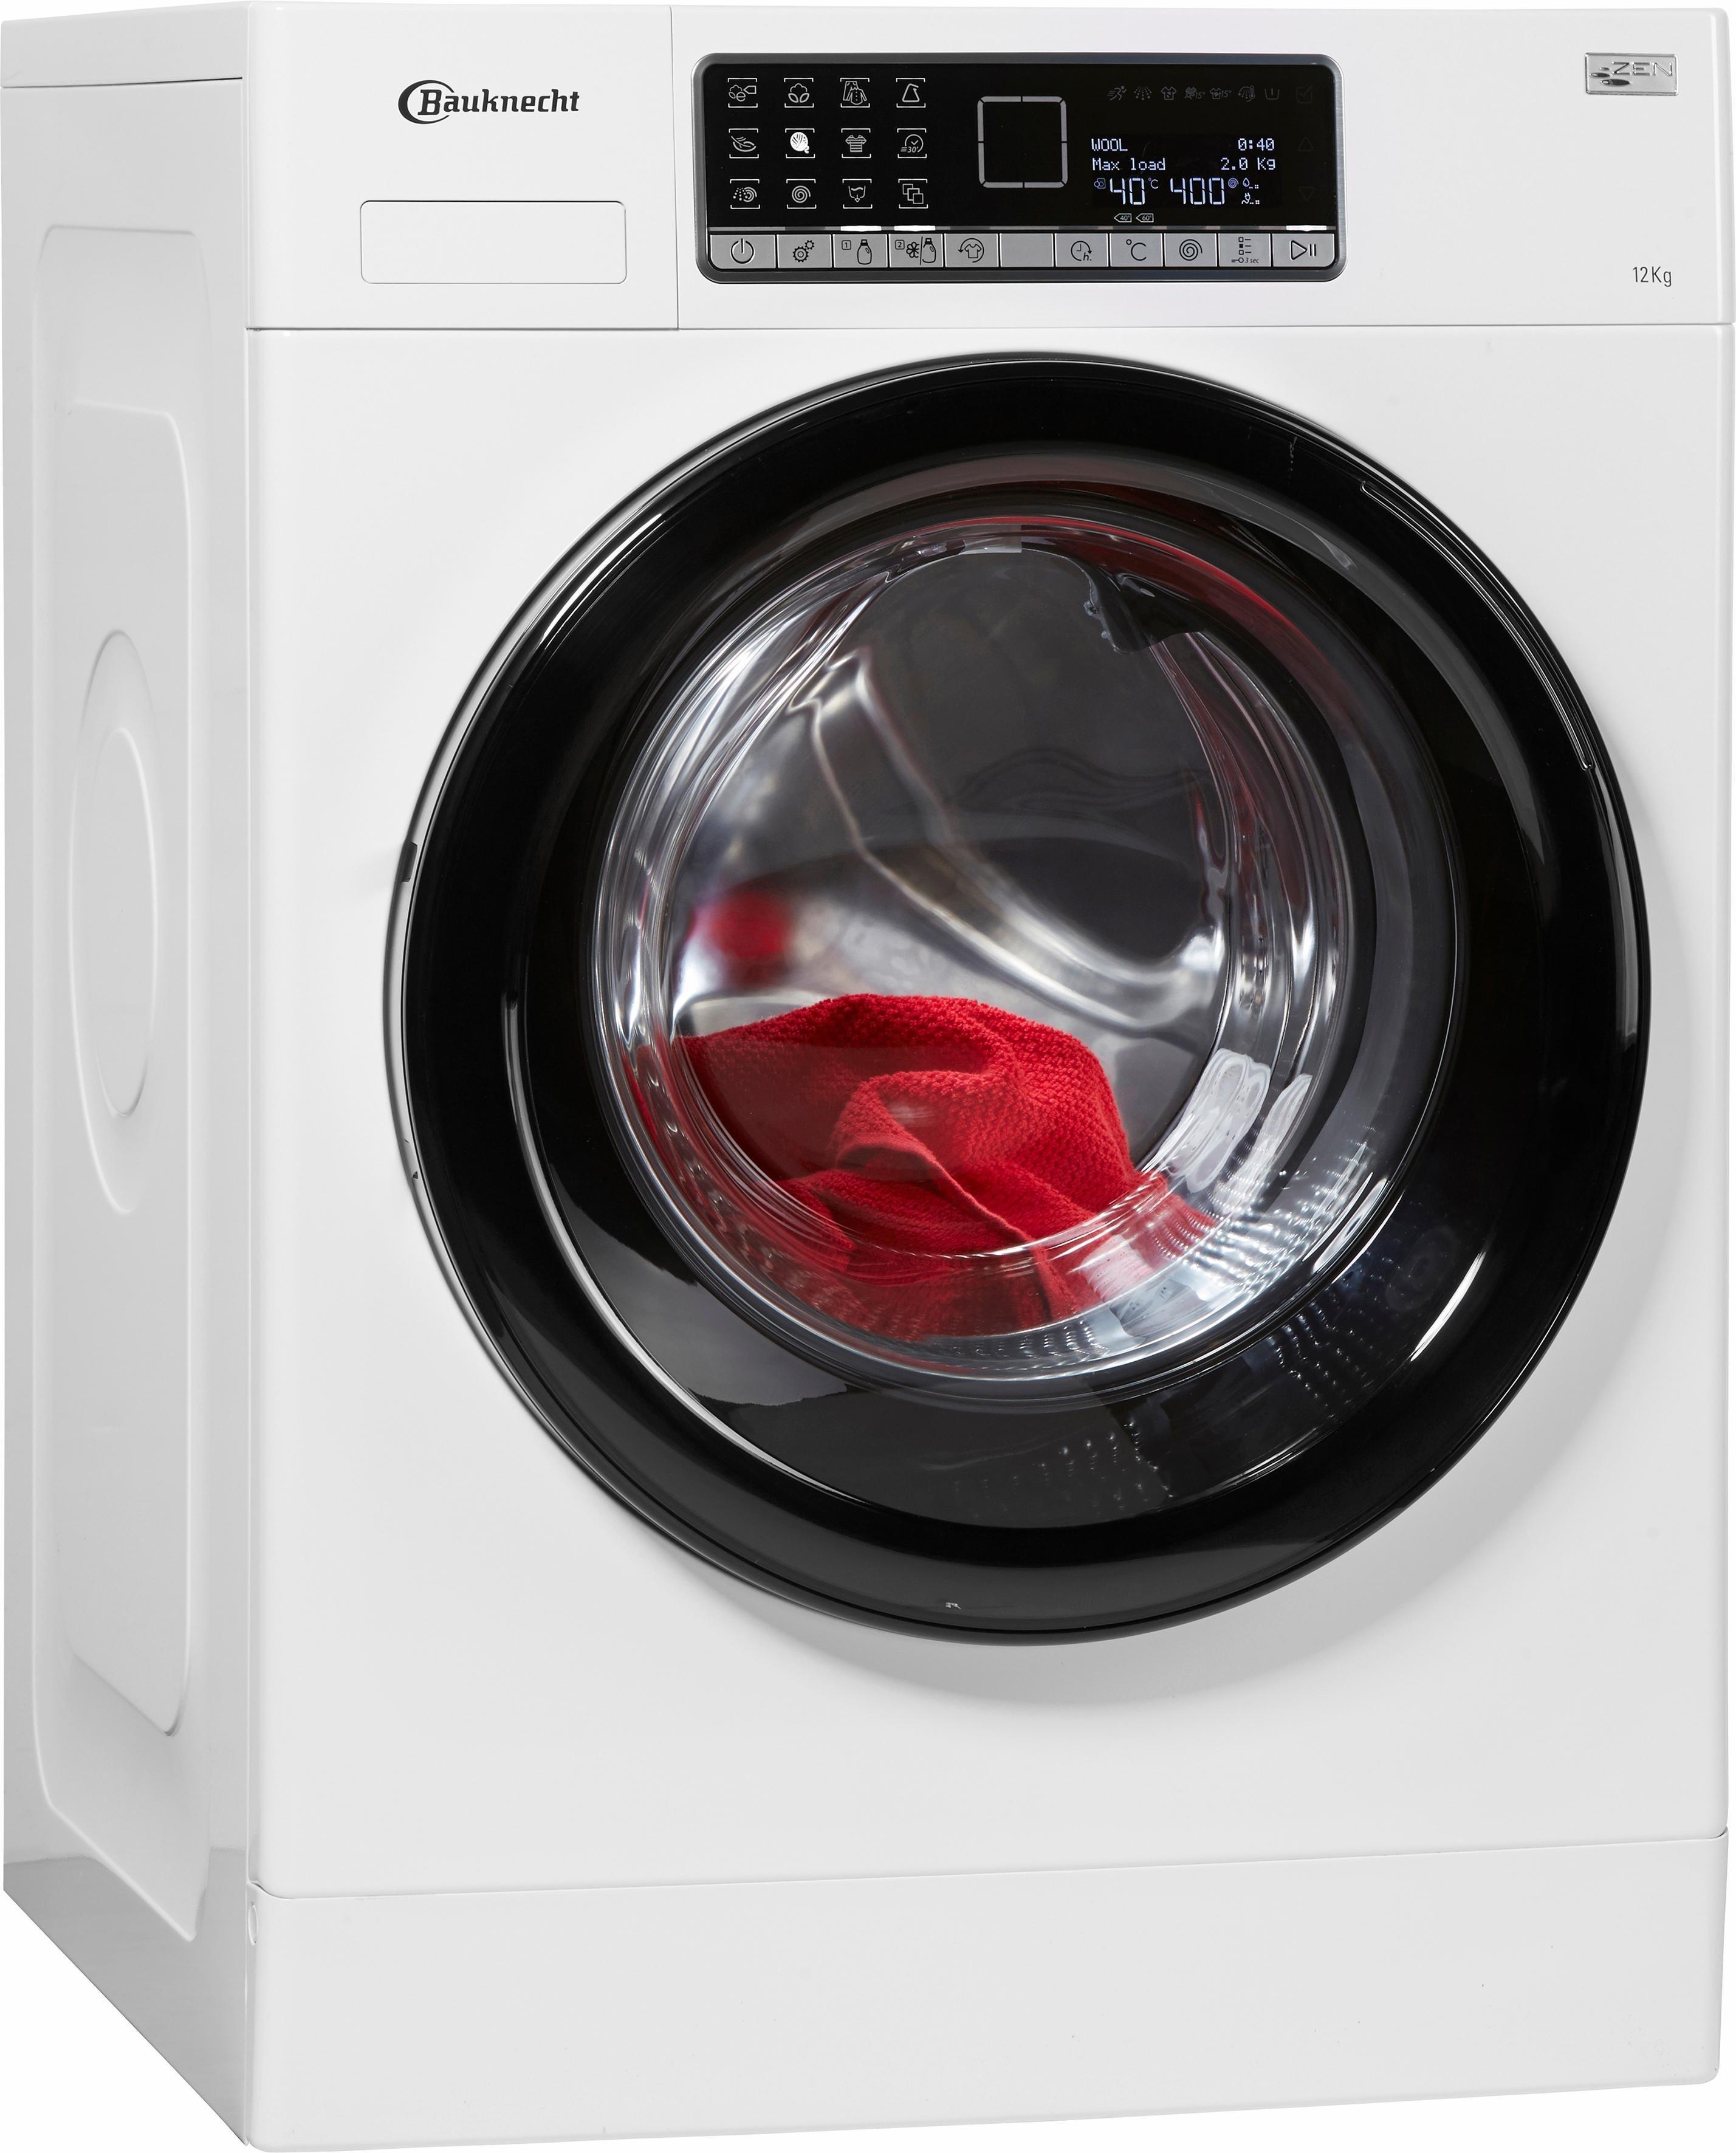 waschmaschine 12 kg preisvergleich die besten angebote. Black Bedroom Furniture Sets. Home Design Ideas